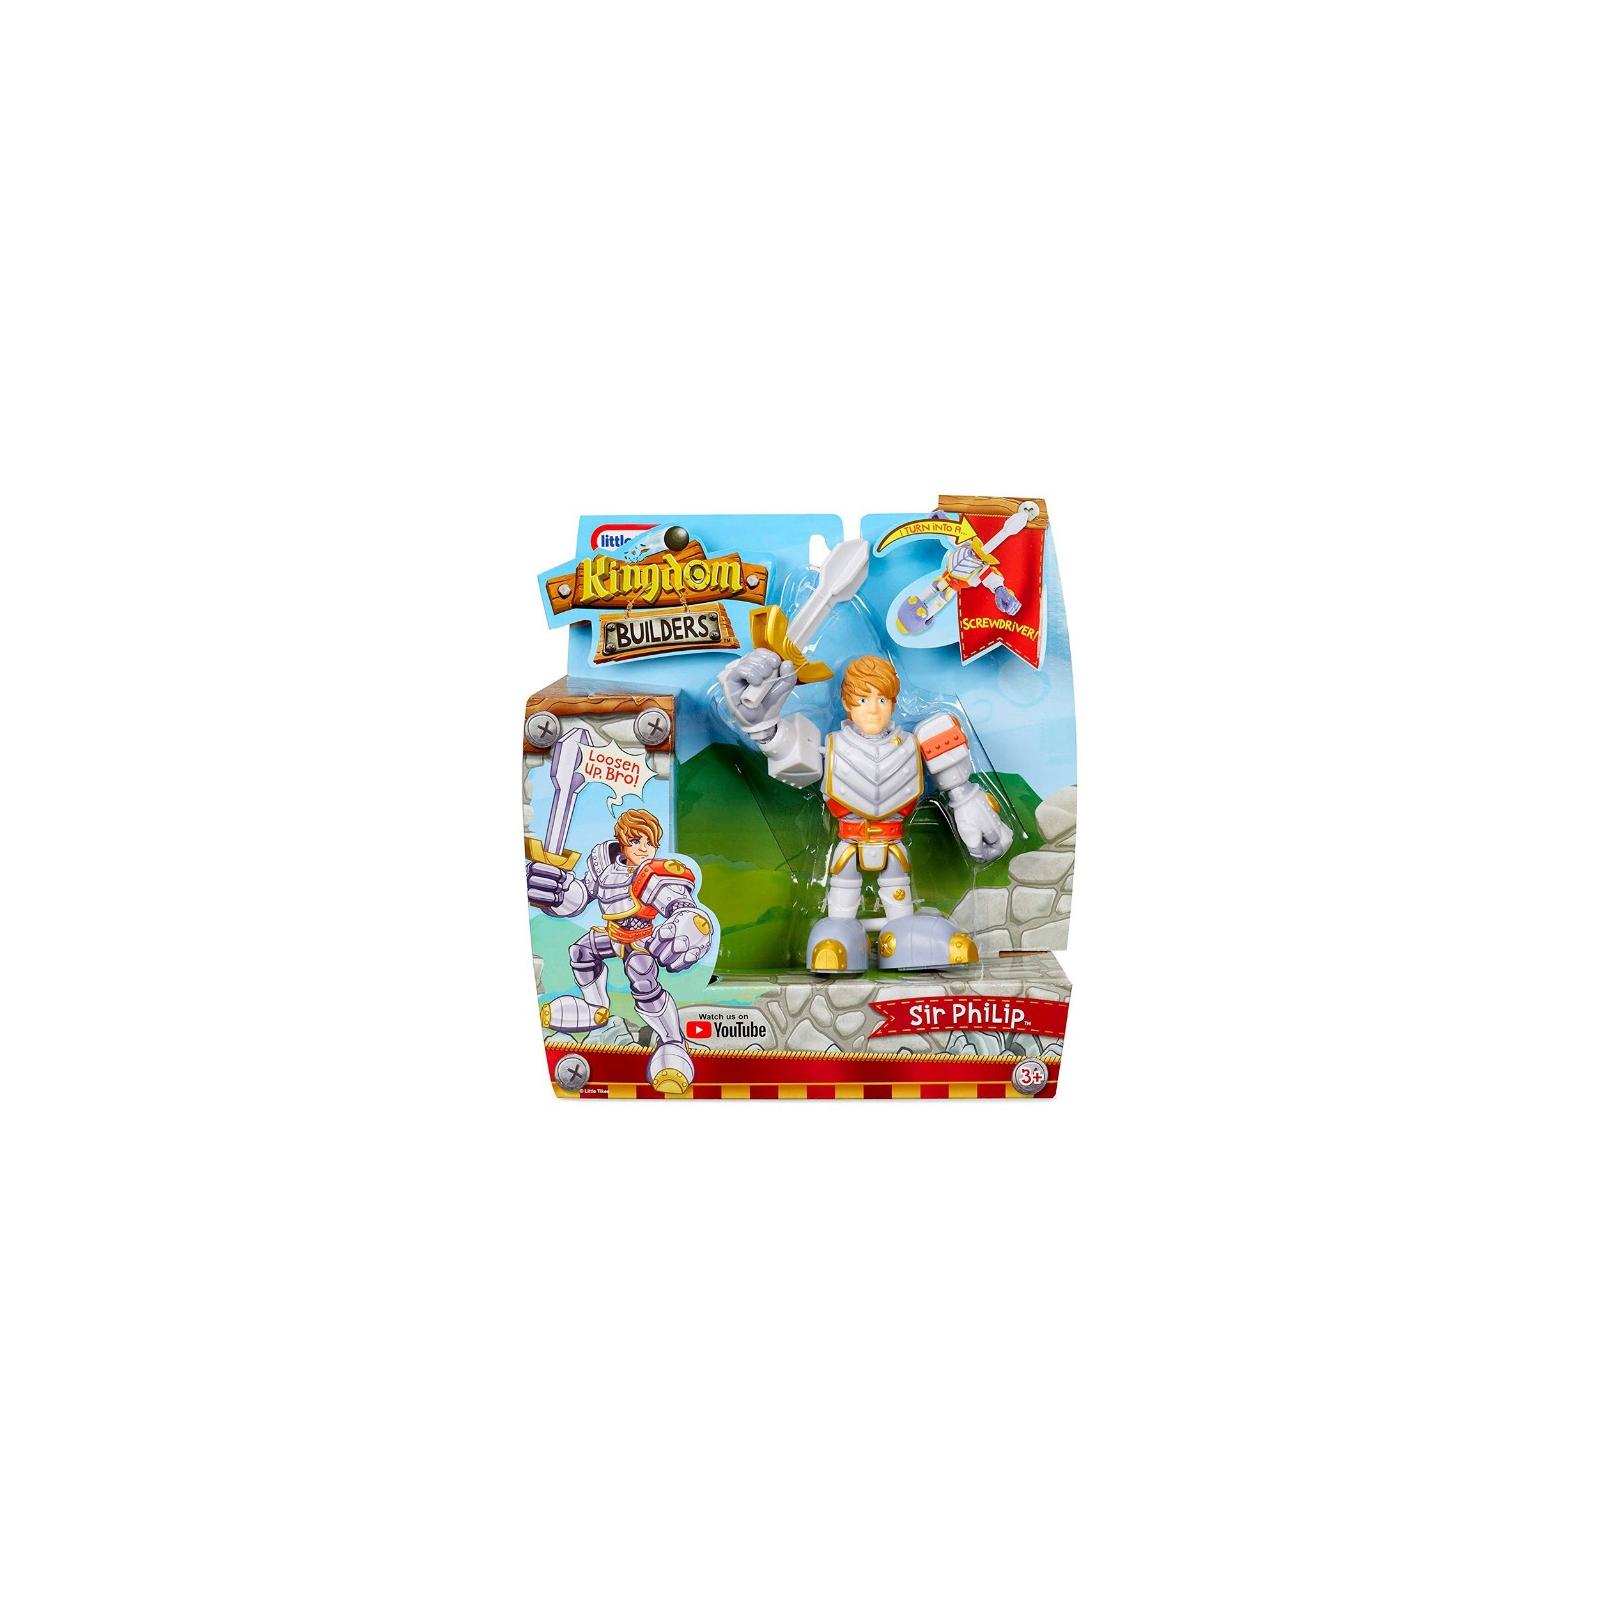 Трансформер Kingdom Builders Сэр Филипп (647659) изображение 4